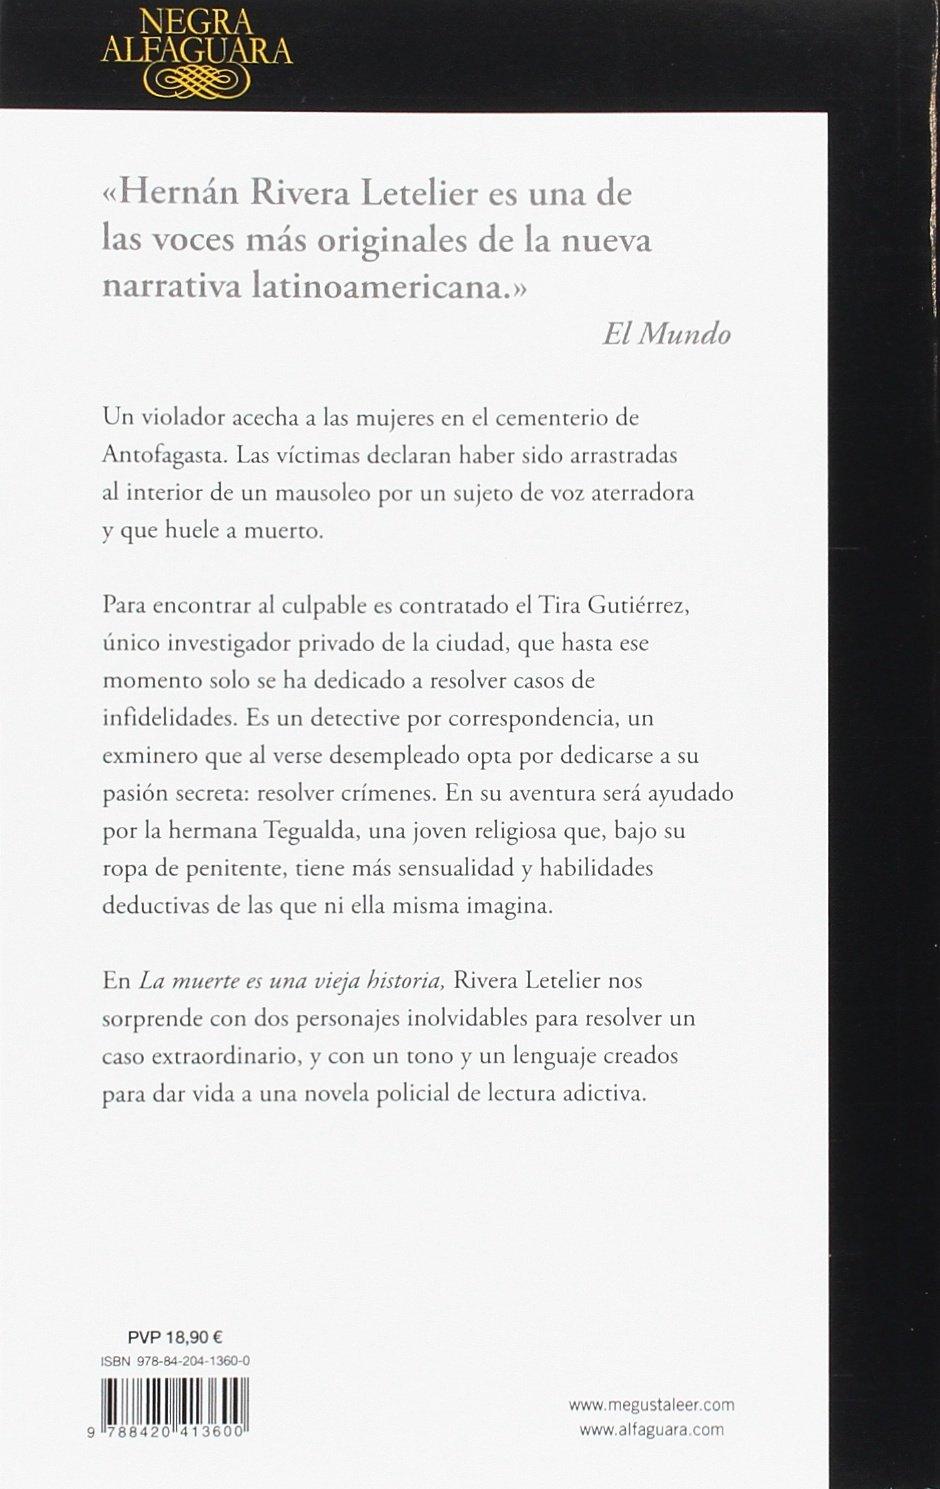 La muerte es una vieja historia (ALFAGUARA NEGRA): Amazon.es ...